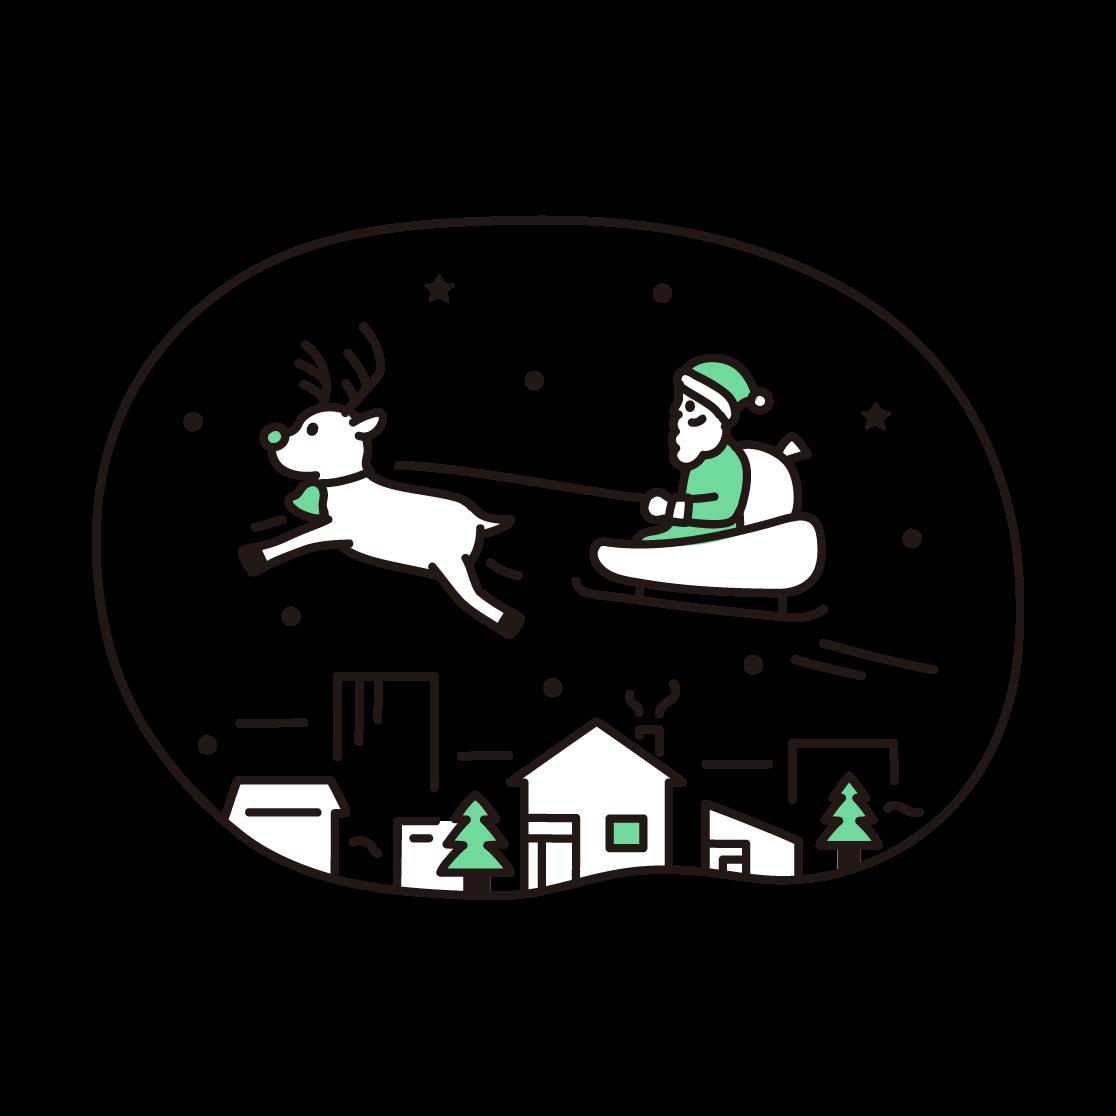 クリスマス(サンタとトナカイ)の単色イラスト